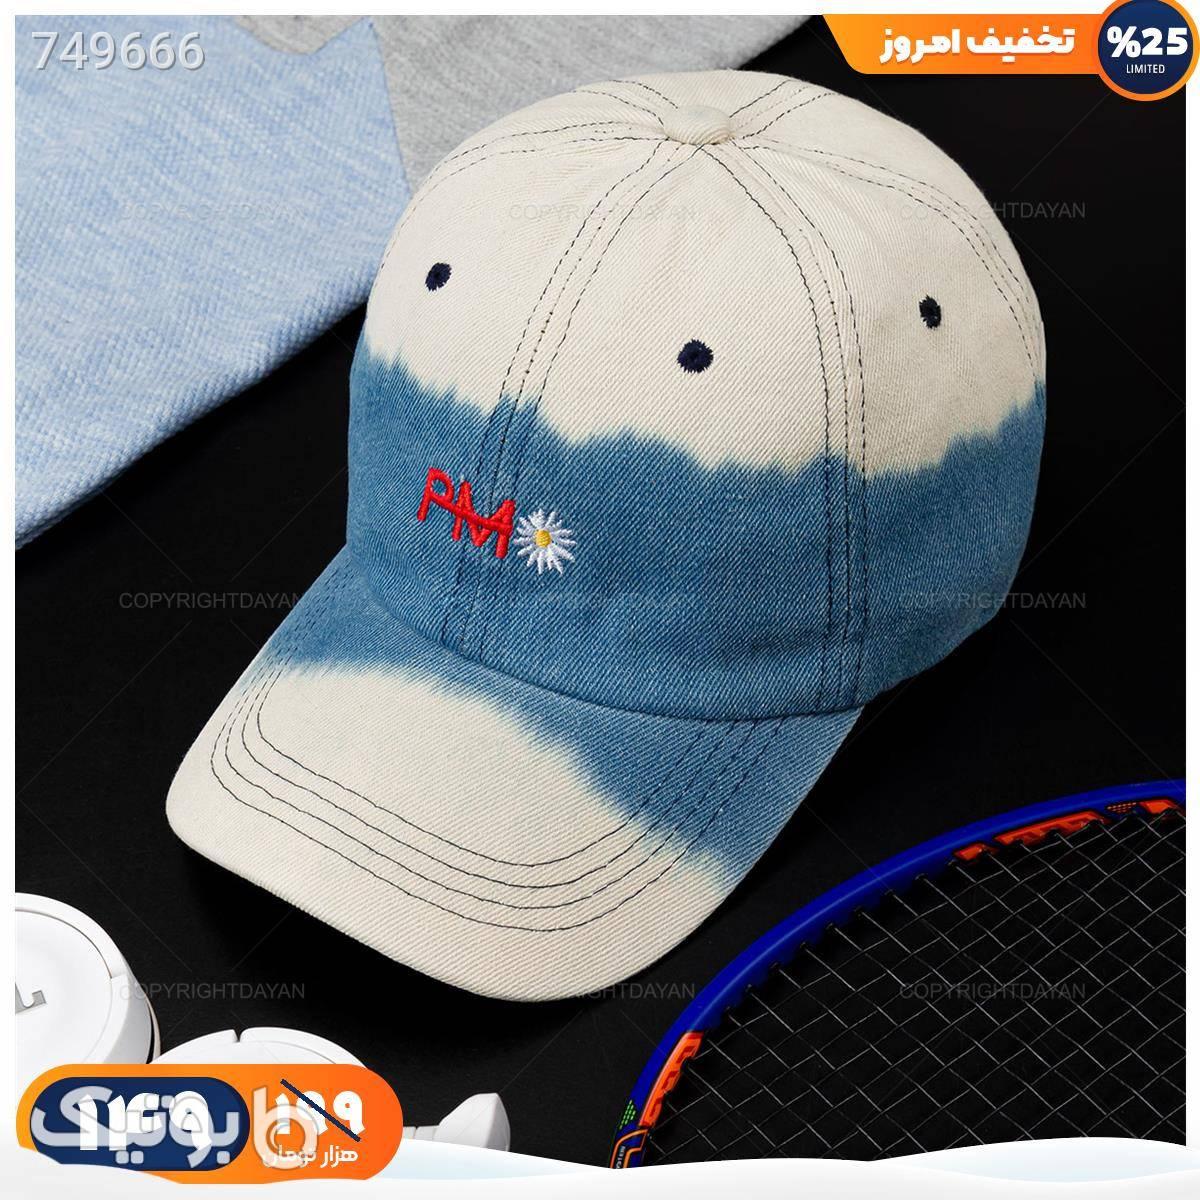 کلاه کپ Deniz مدل 19026   آبی کلاه و اسکارف